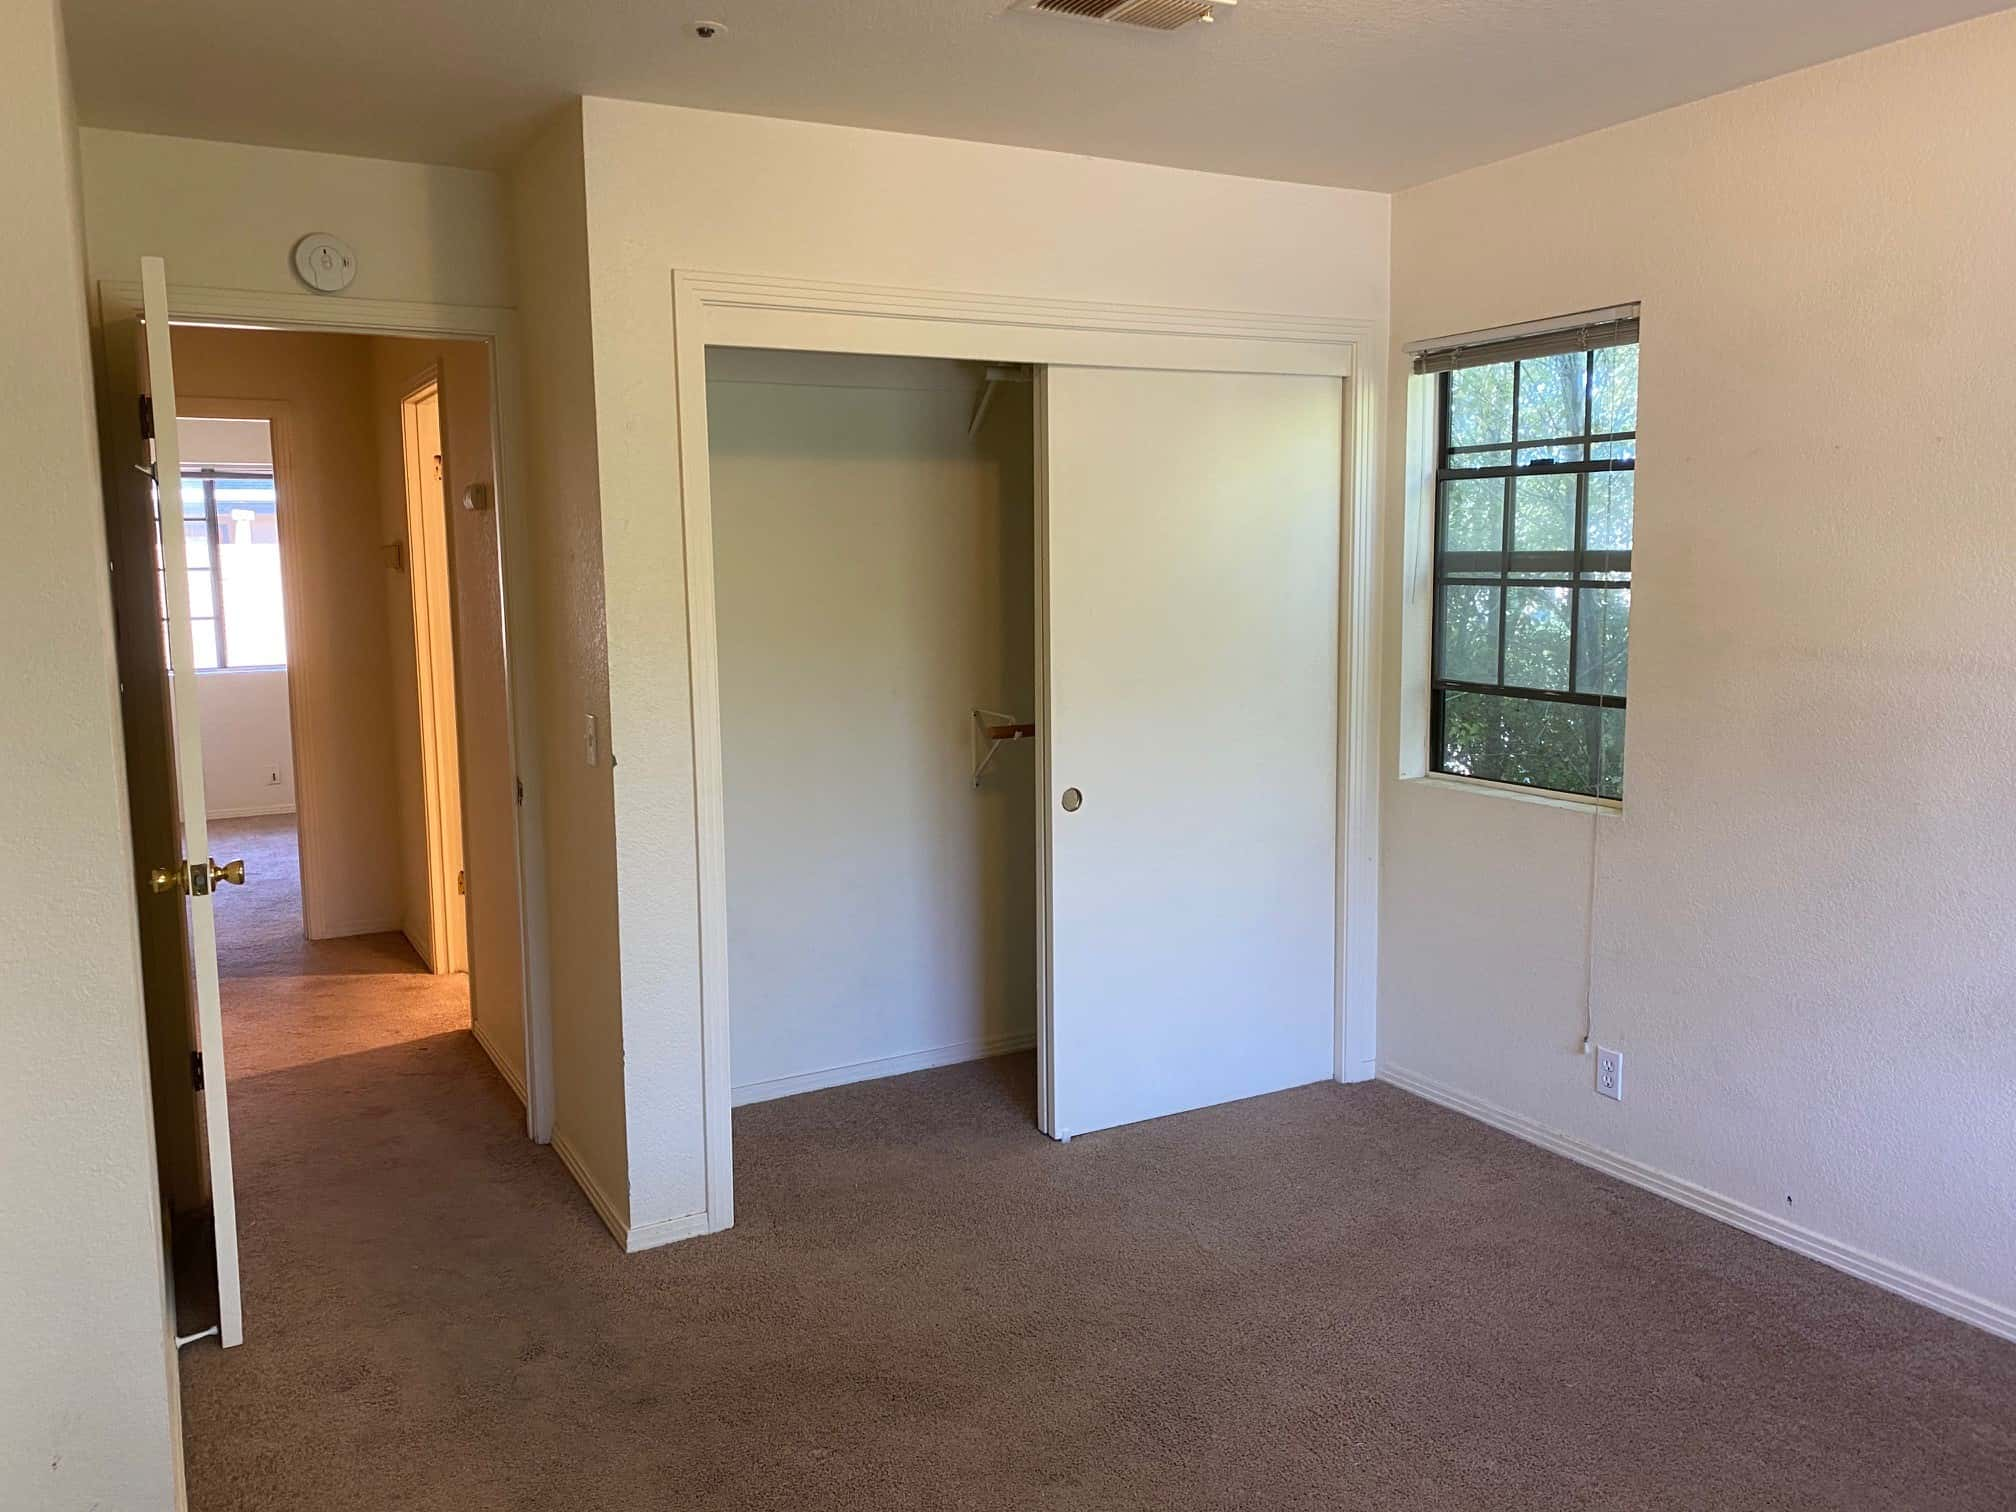 Right bedroom 2